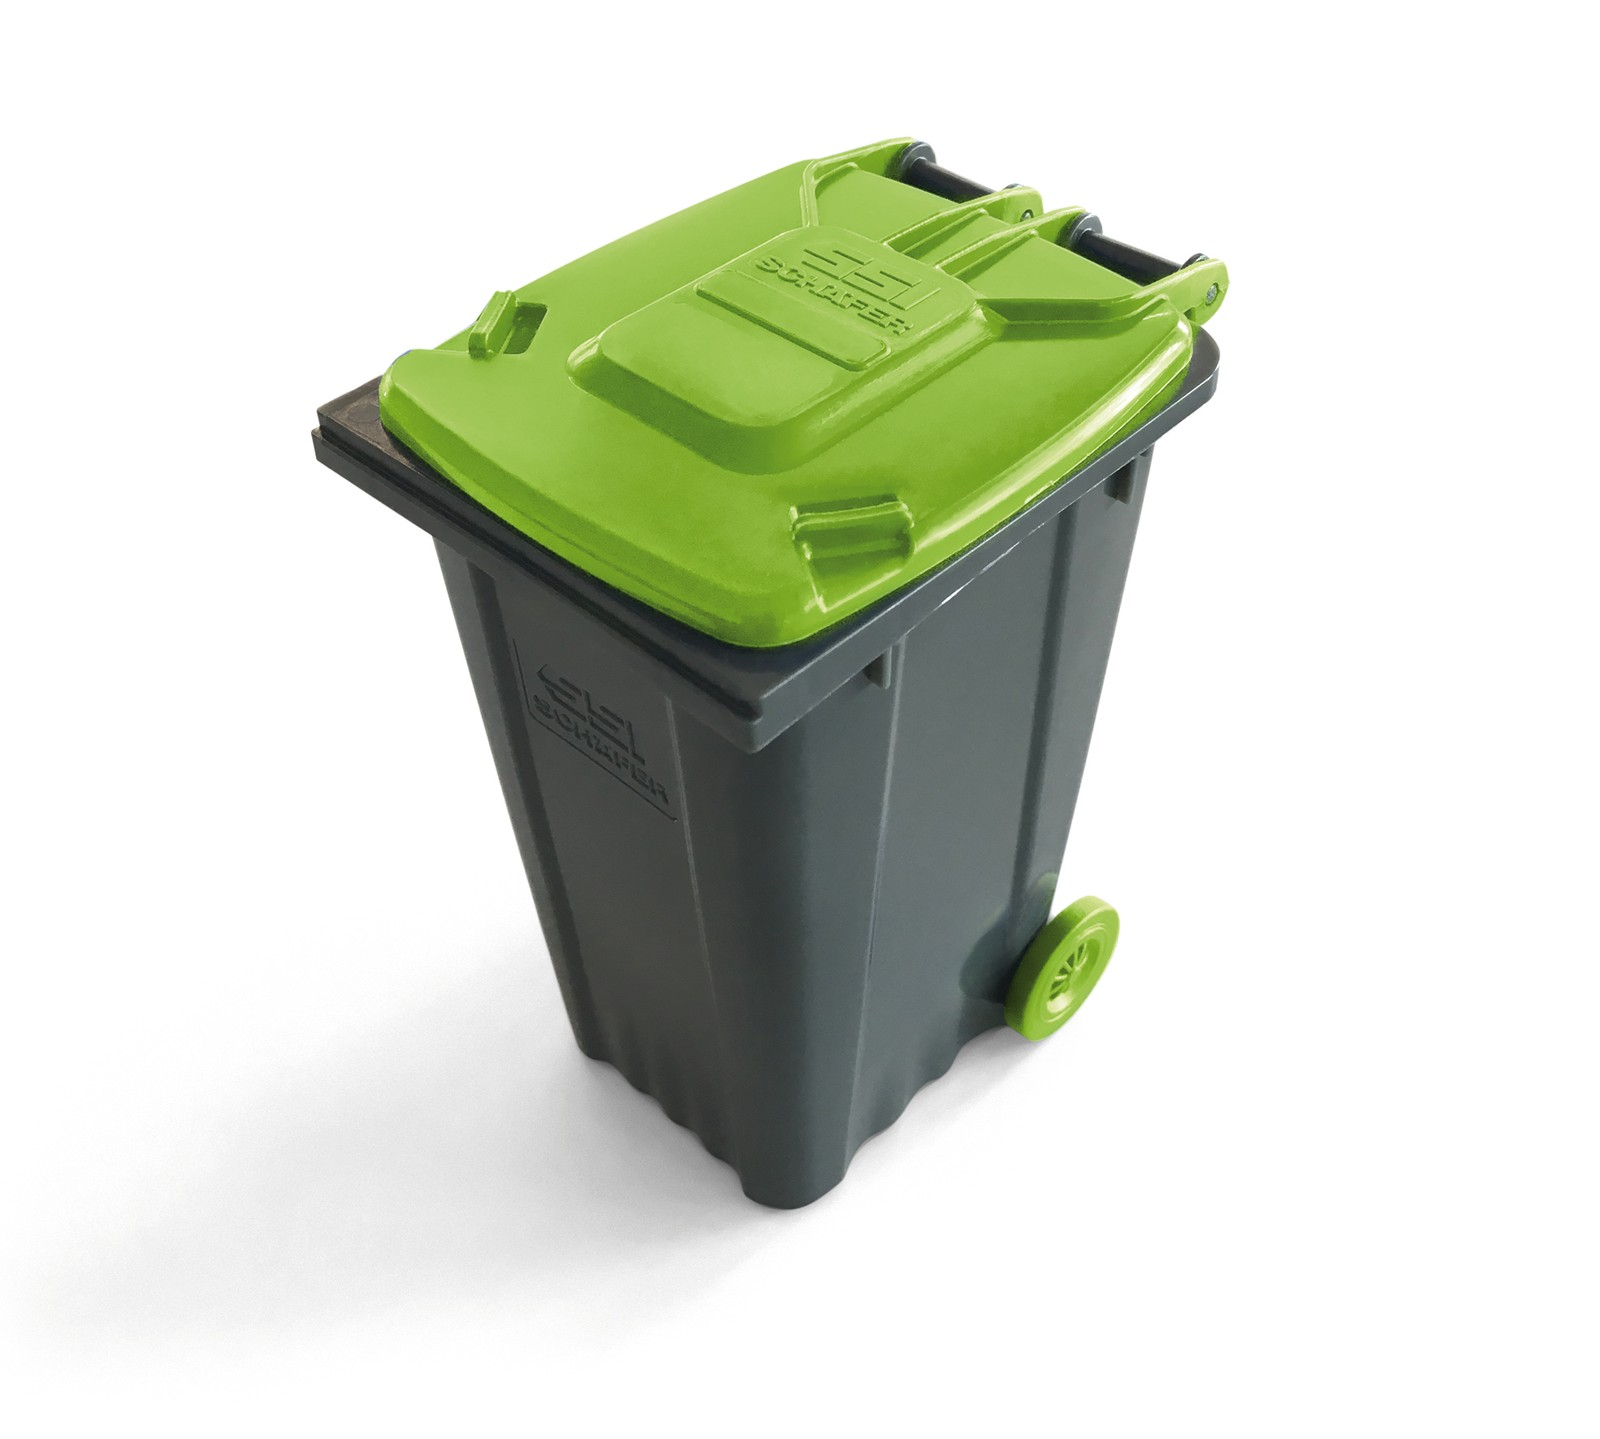 K 2019: Engel produziert Mini-Müllcontainer aus Rezyklat. Auf einer Engel Victory Spritzgießmaschine werden Post-Consumer-Abfälle zu Mini-Müllcontainern verarbeitet.